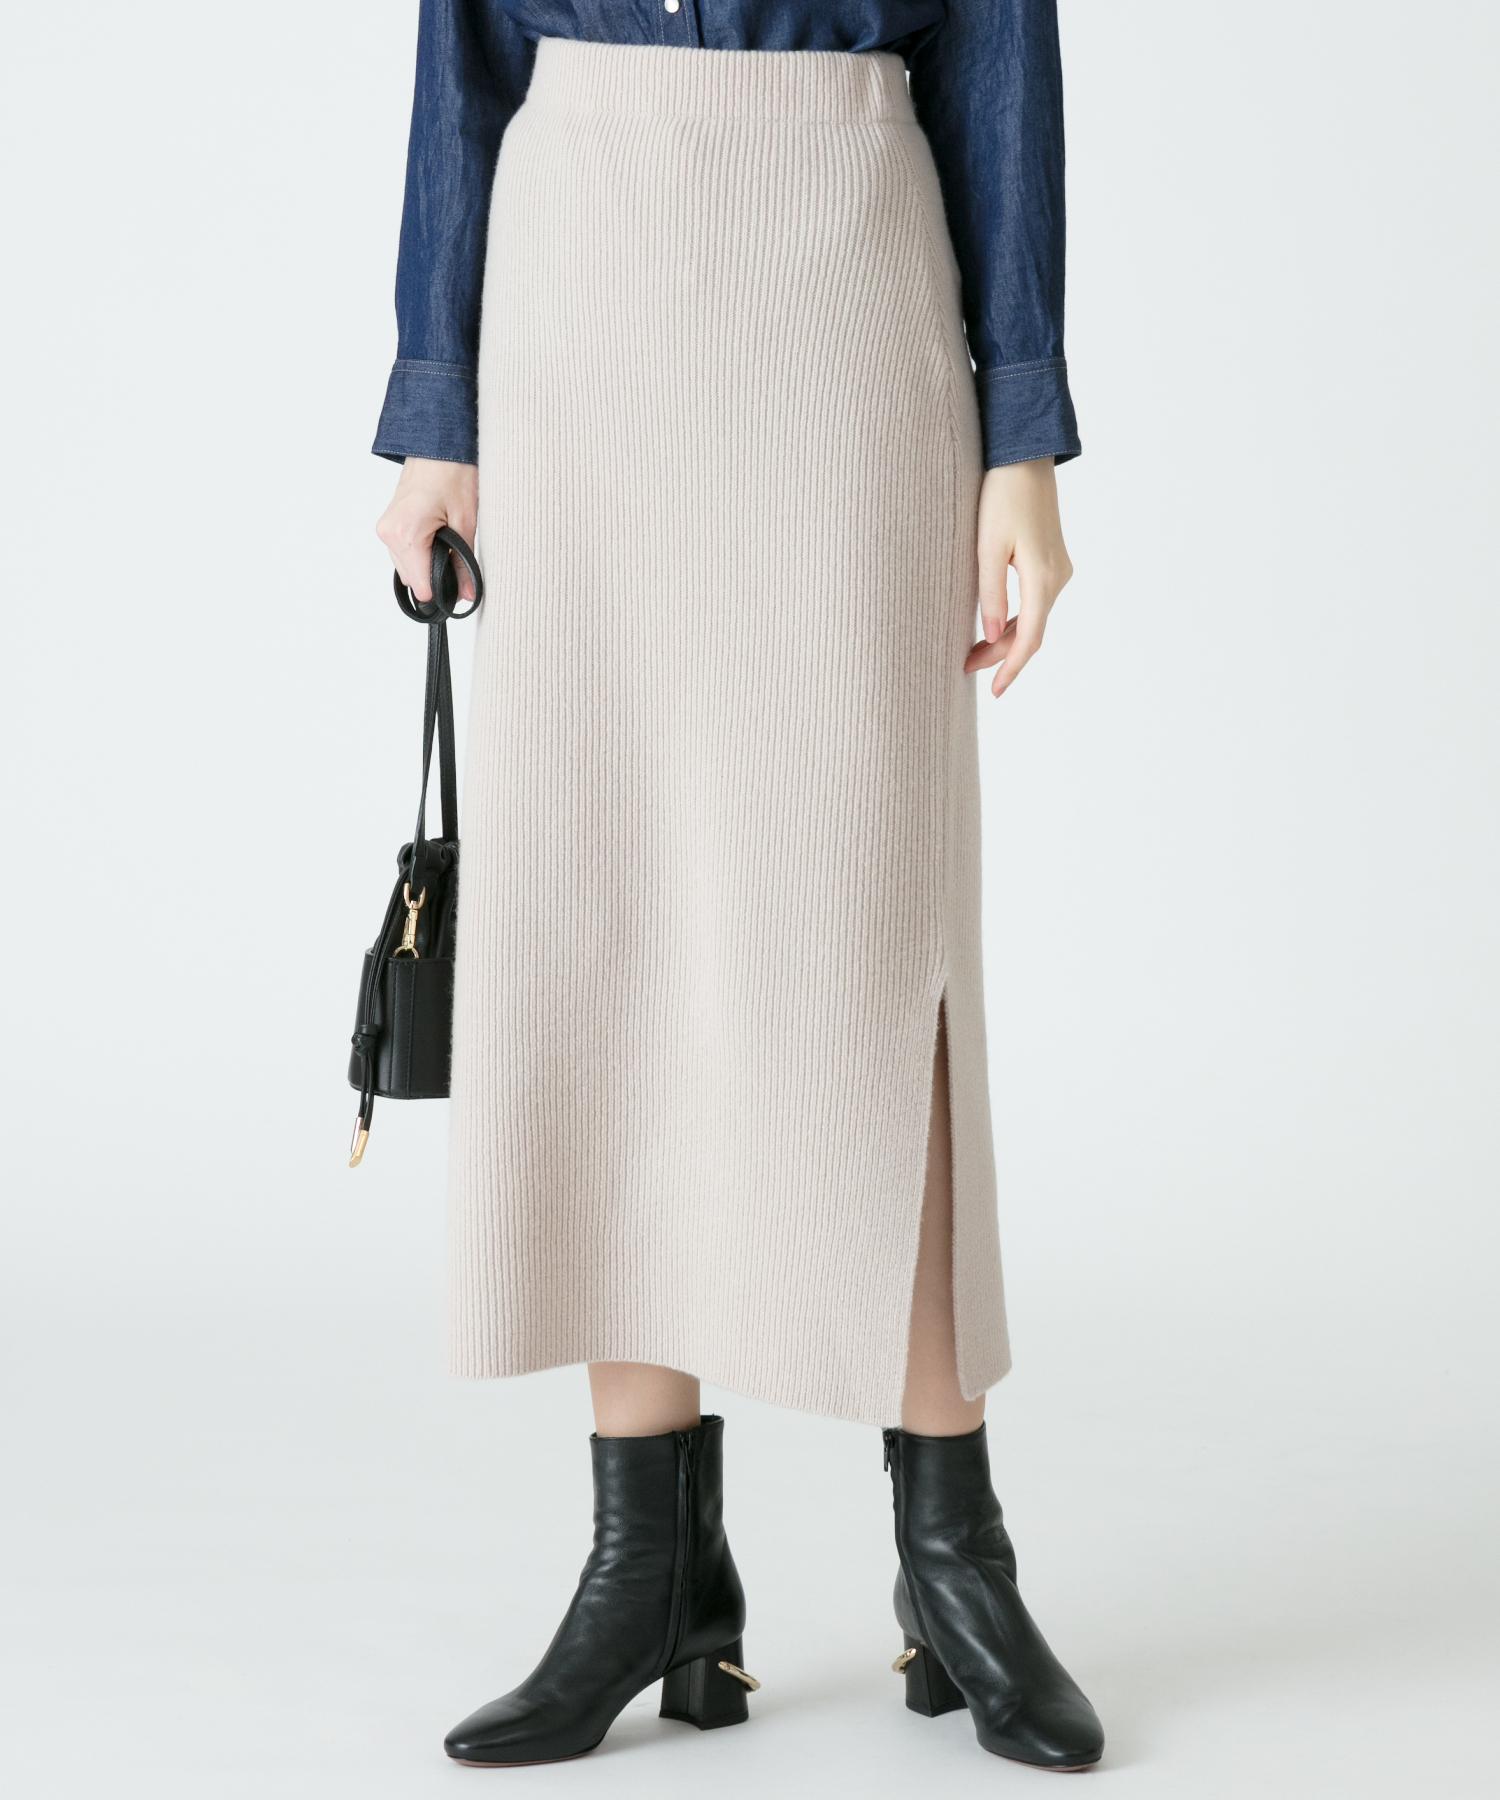 AIRWOOLリブタイトスカート